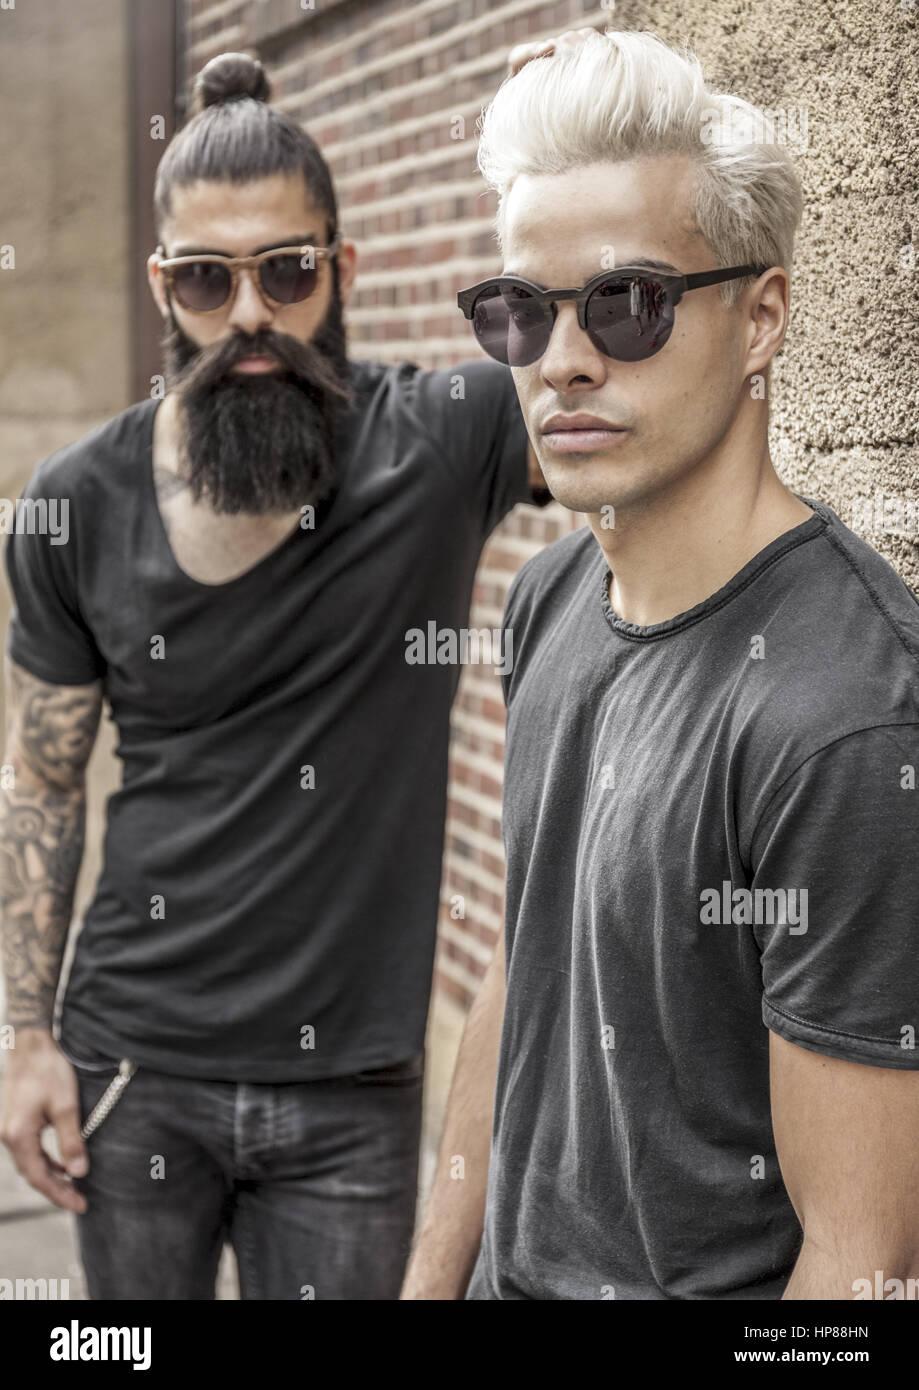 size 40 93a82 4cff1 Zwei laessige junge Maenner in schwarzer Kleidung, Hipster ...